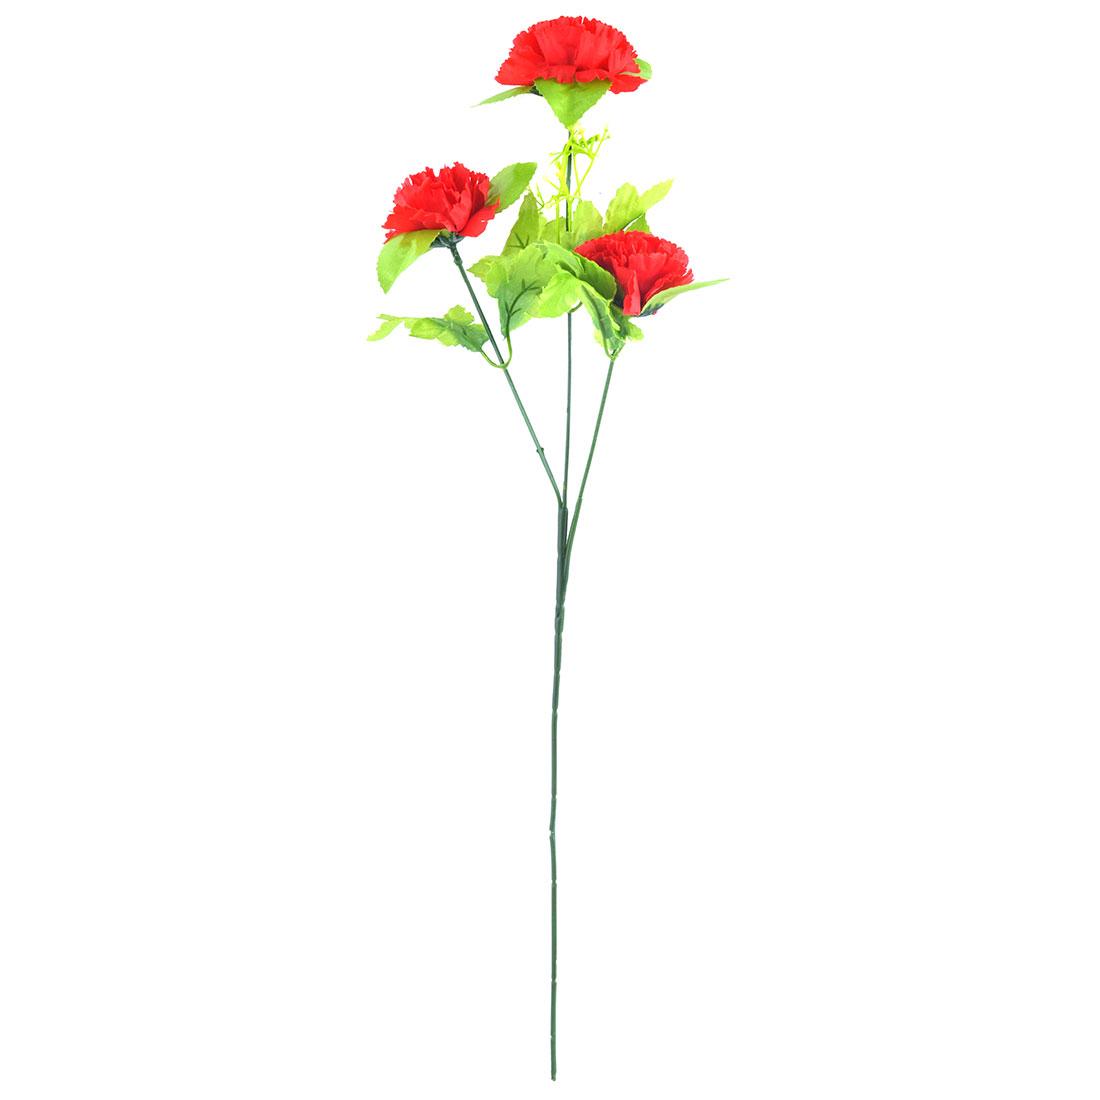 Artificial Emulational Carnations Flower Bouquet Home Garden Decoration Red